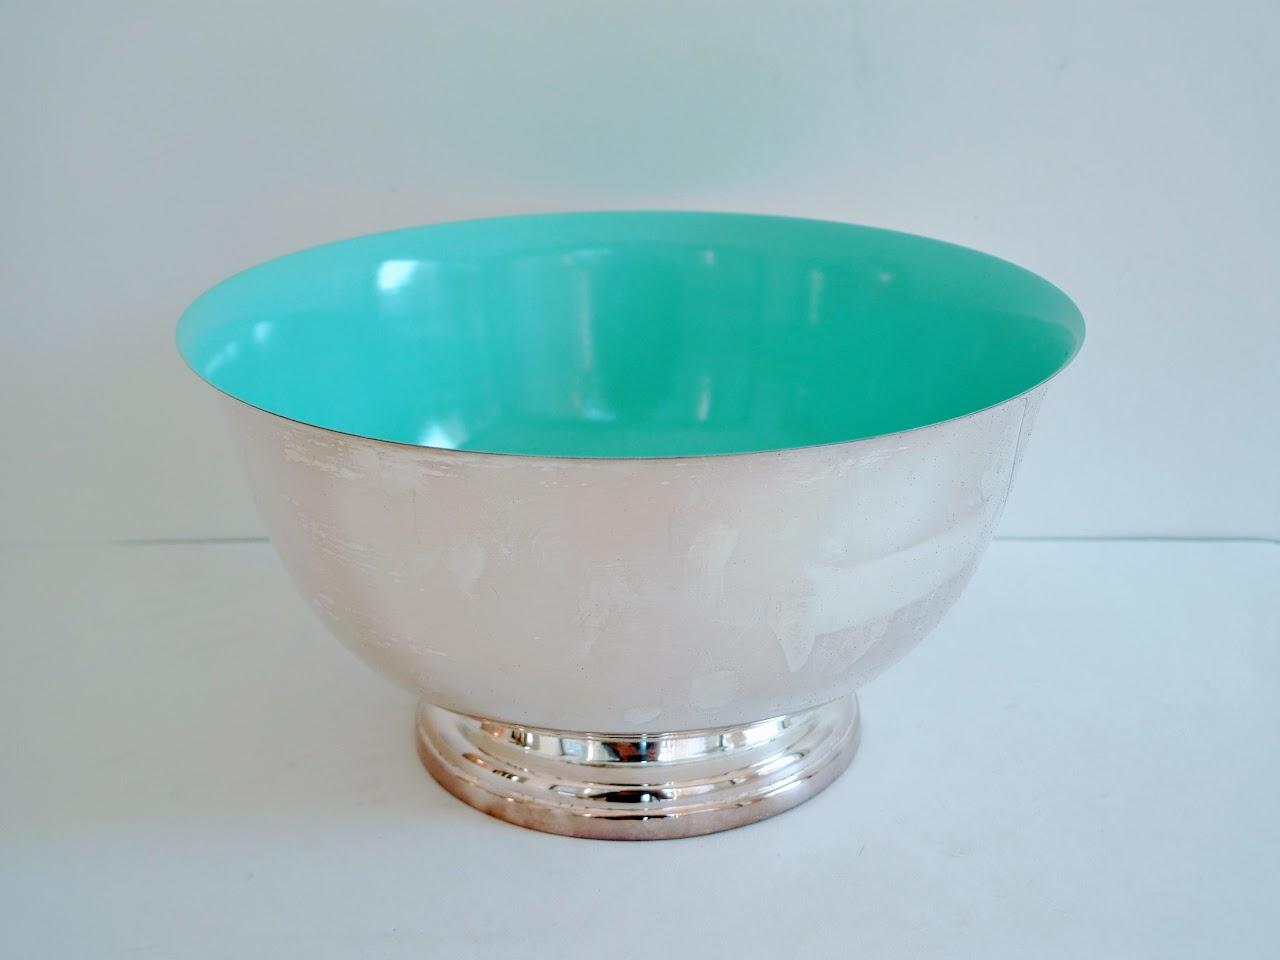 Oscar de la Renta Home for Lunt Silver & Blue Bowl